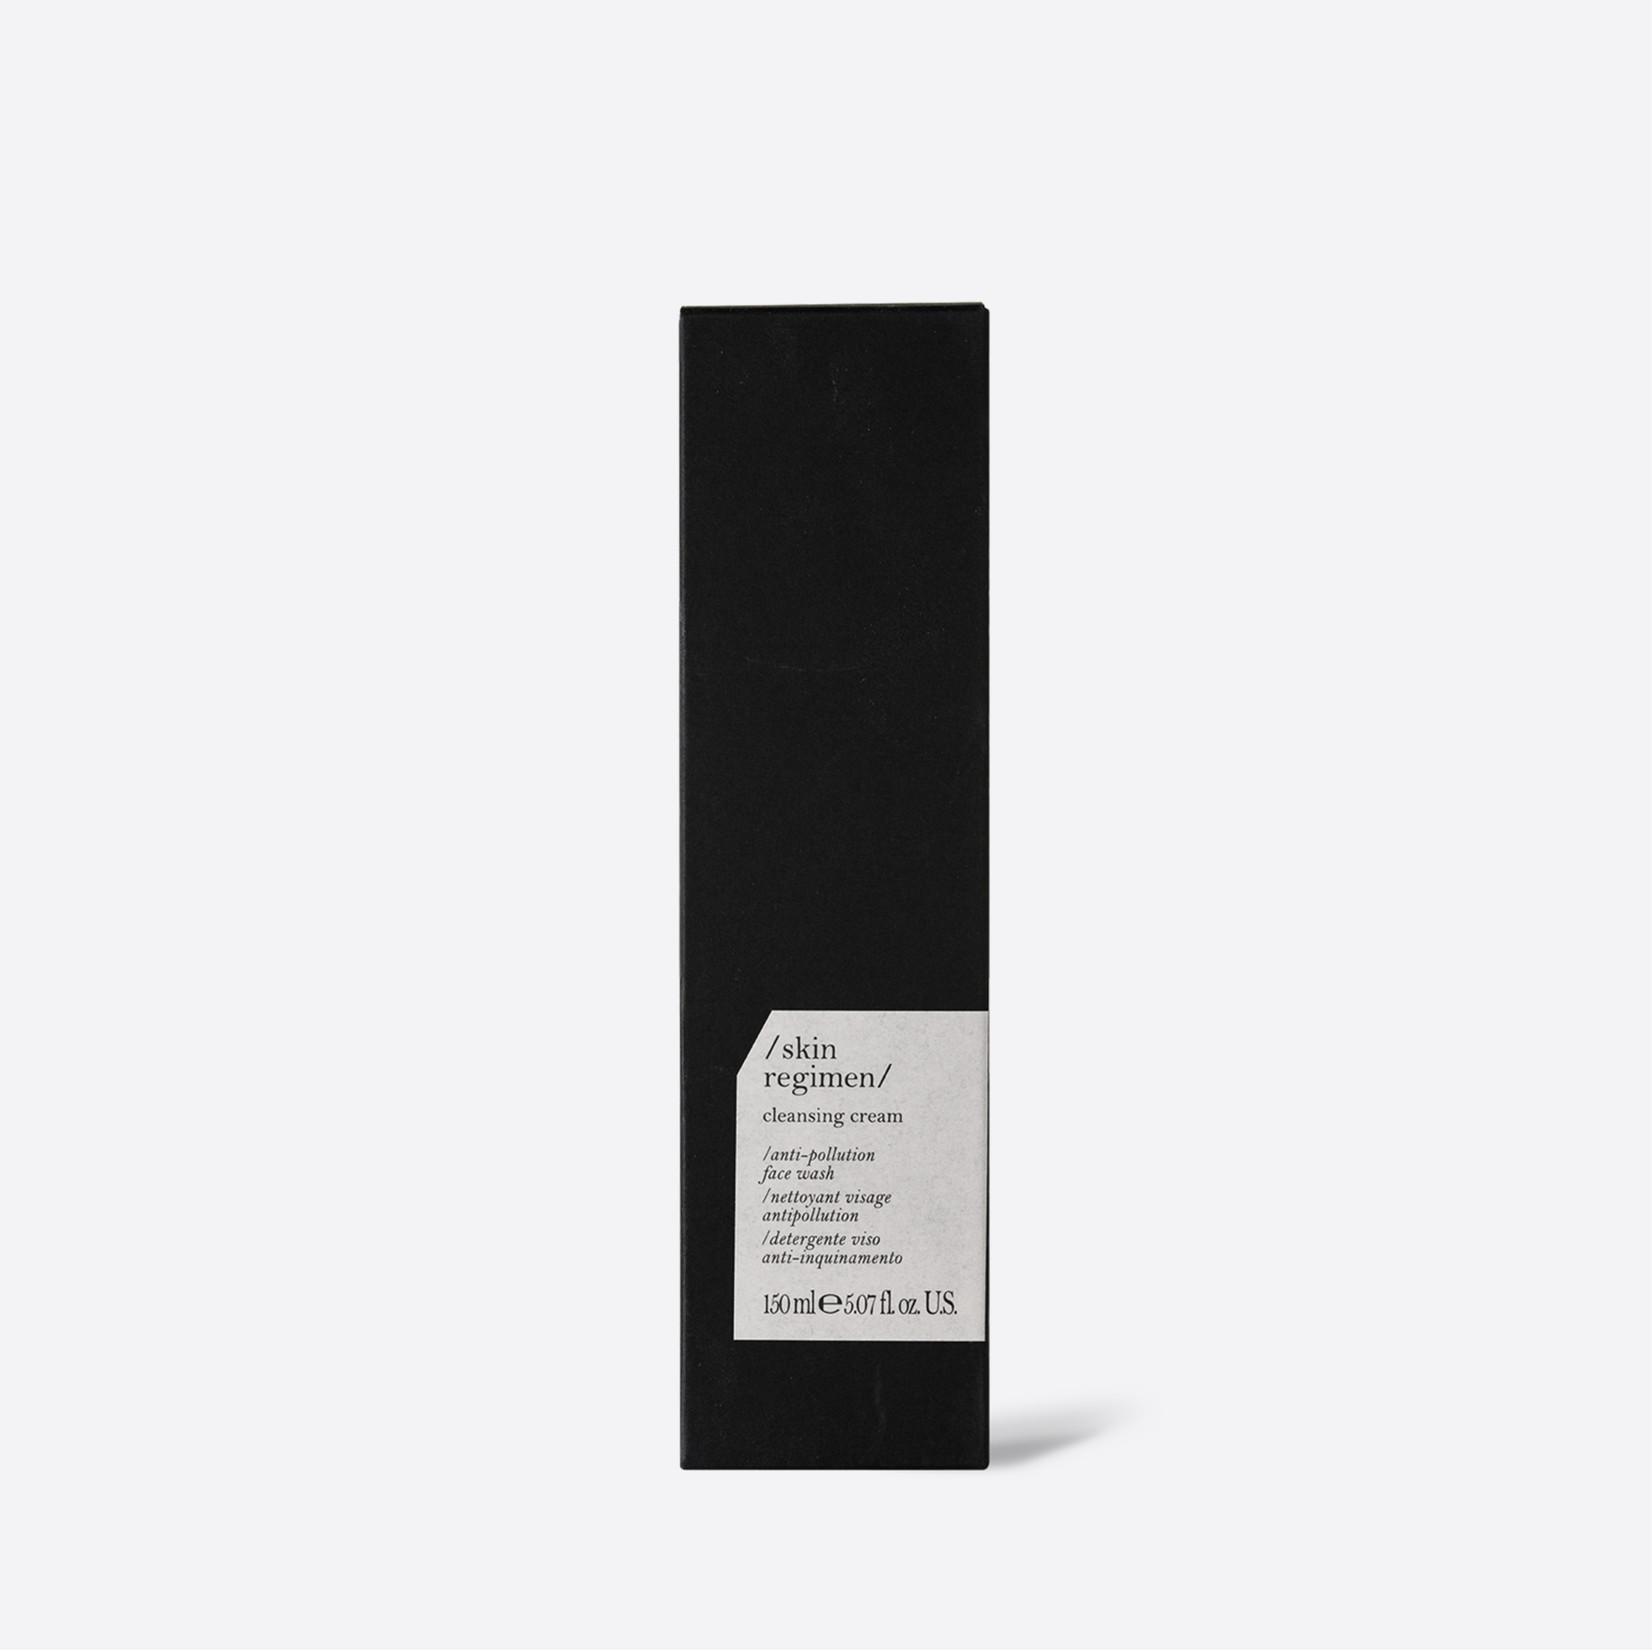 Comfort Zone Skin Regimen Cleansing Cream